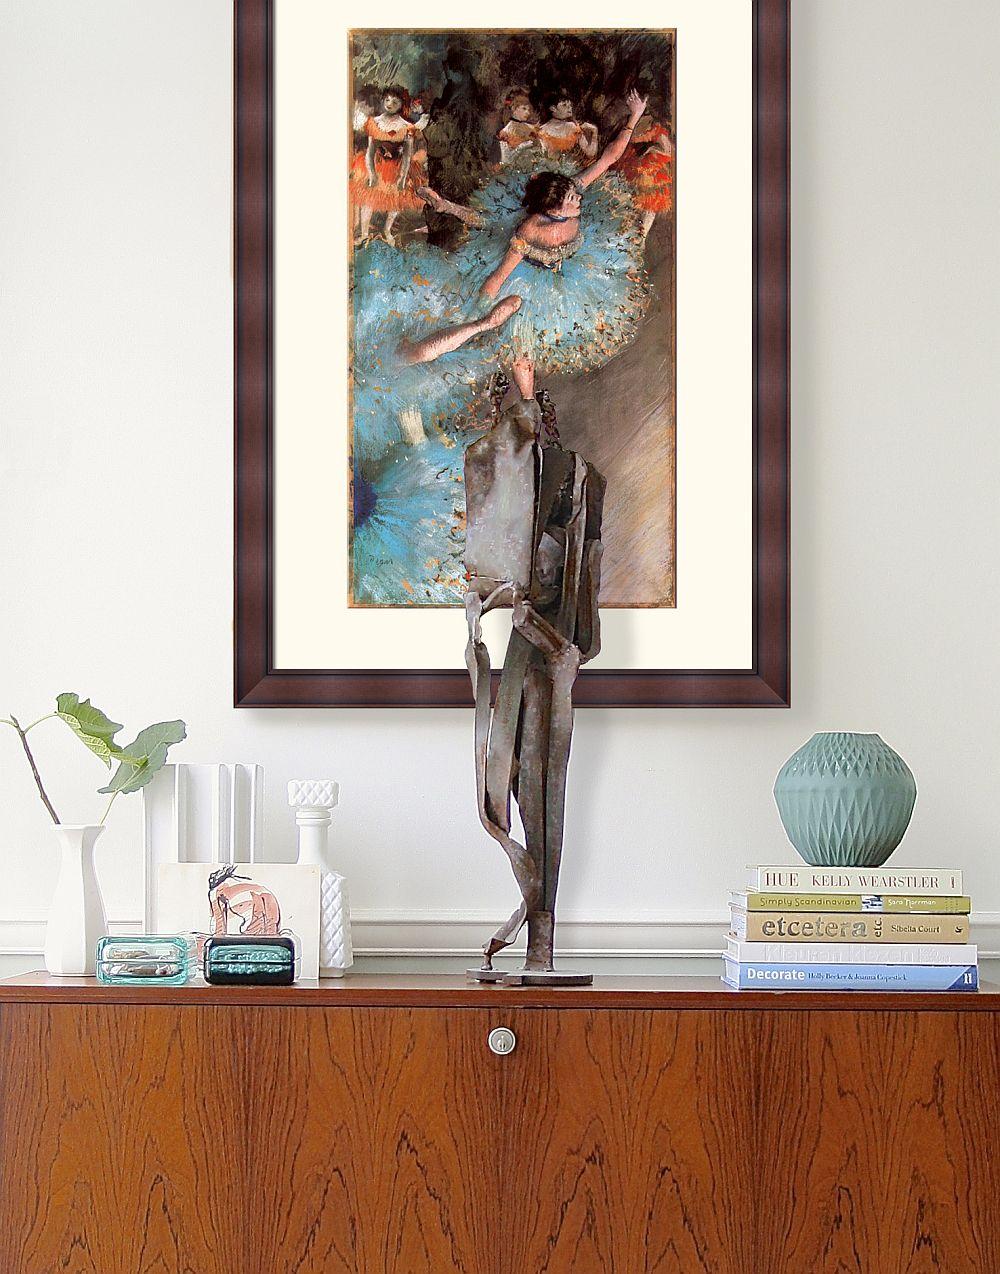 Tablou decorativ ce reproduce o lucrare semnat de pictorul Edgar Degas